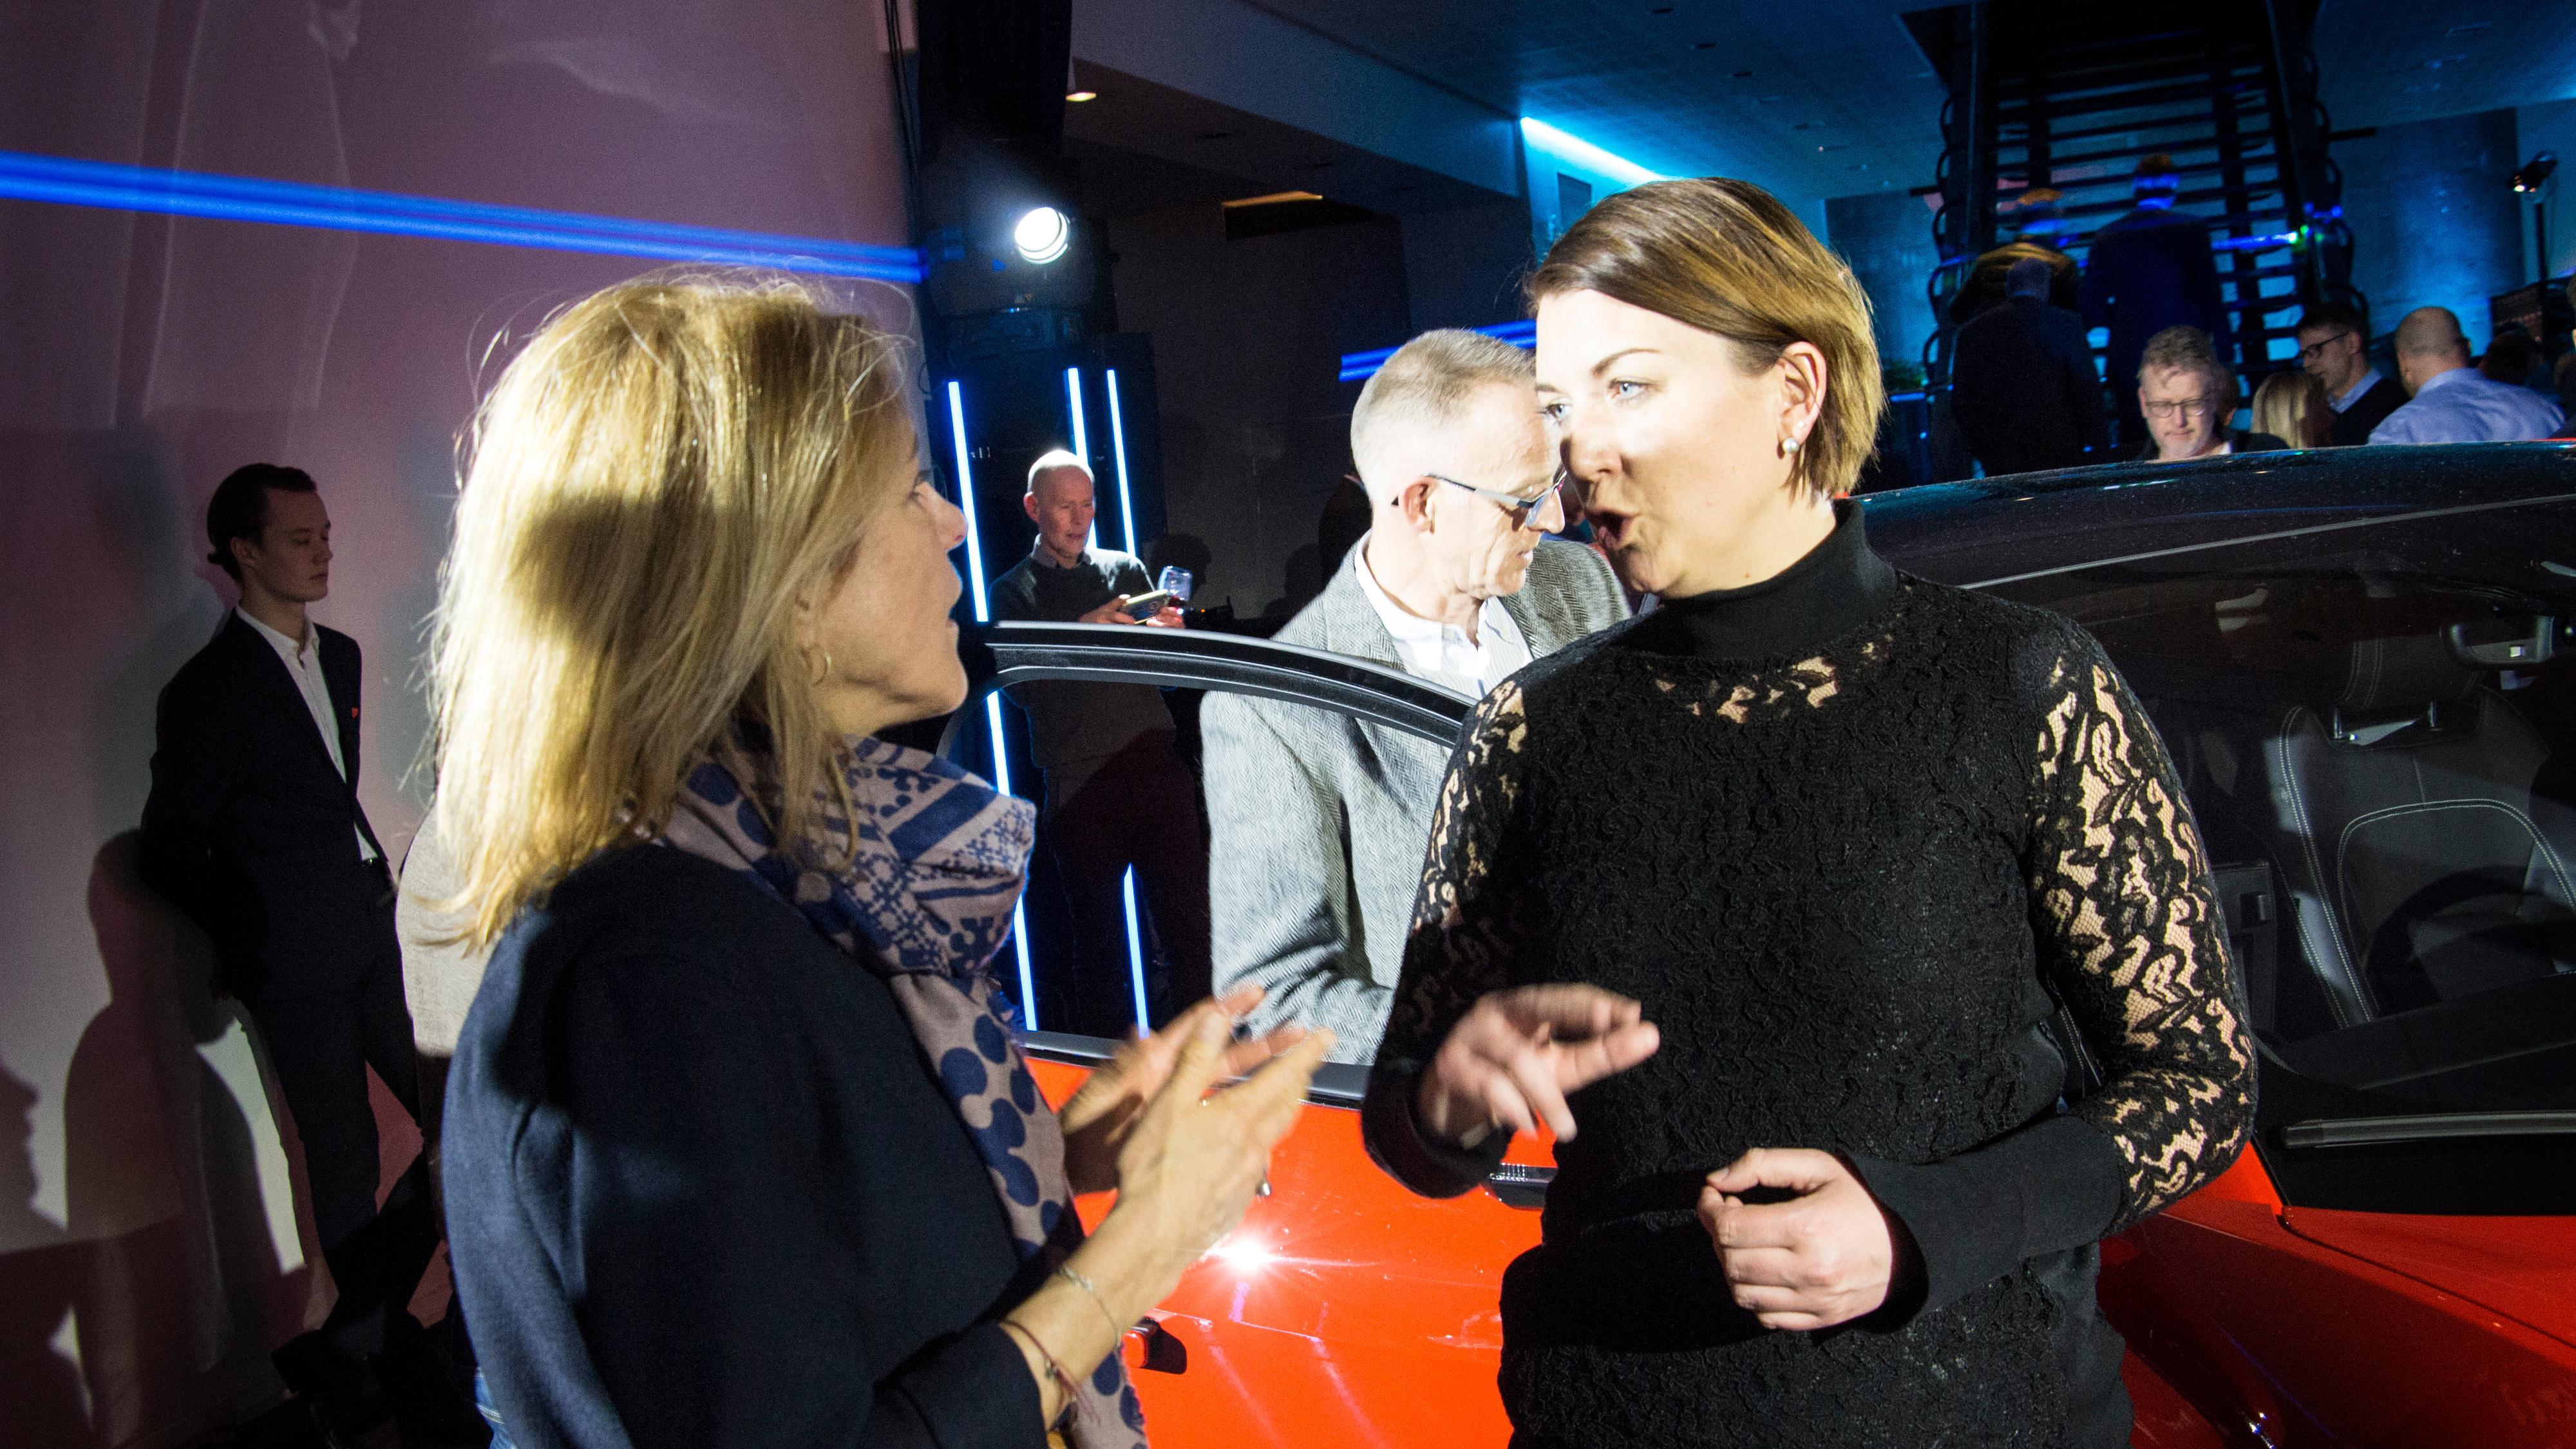 Generalsekretær Christina Bu i Elbilforeningen (t.h.) tror i-Pace kan bringe elbiler til kunder som kanskje ikke ville vurdert elbil tidligere. Her sammen med bransjesjef Lerke Flader i Dansk Elbil Alliance.